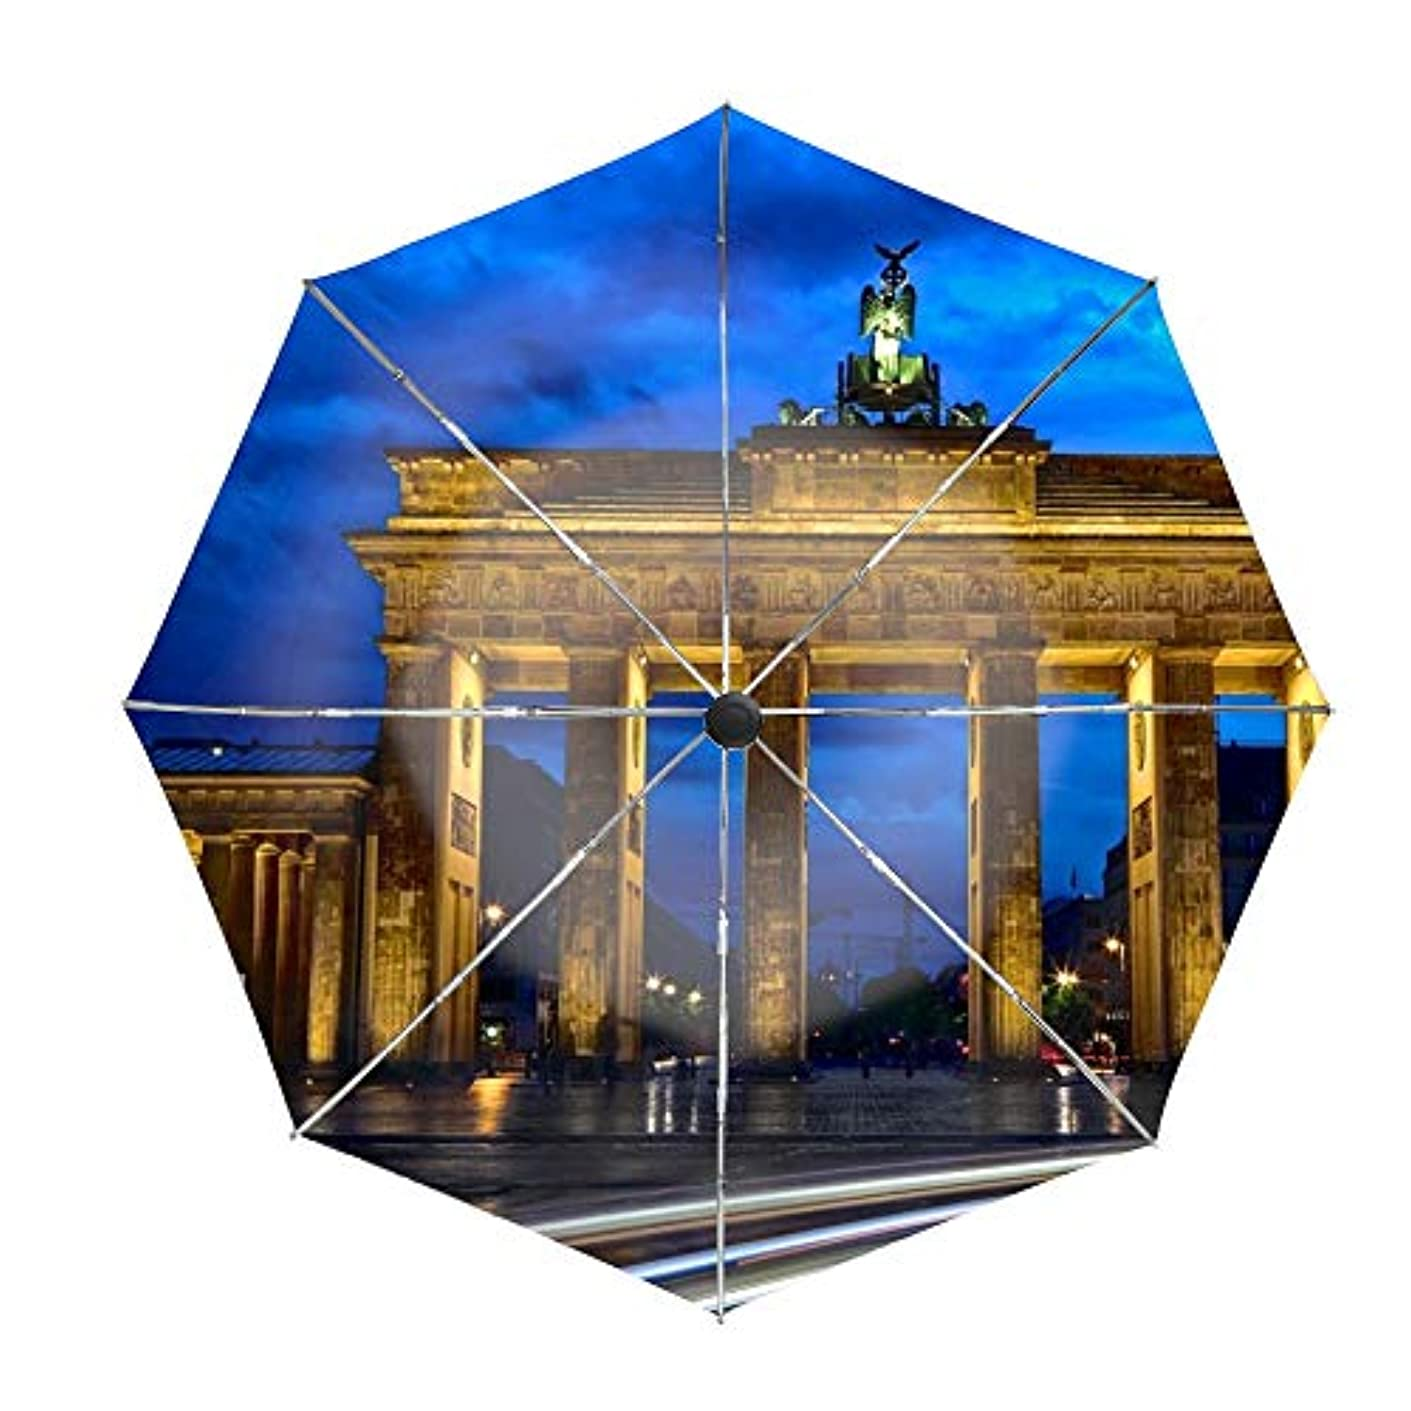 動員するひねり導体日傘 折りたたみ傘 ブランデンブルク門ベルリン 晴雨兼用 UVカット率99.9% 耐風撥水 二重生地 紫外線遮蔽 レディース 日焼け対策